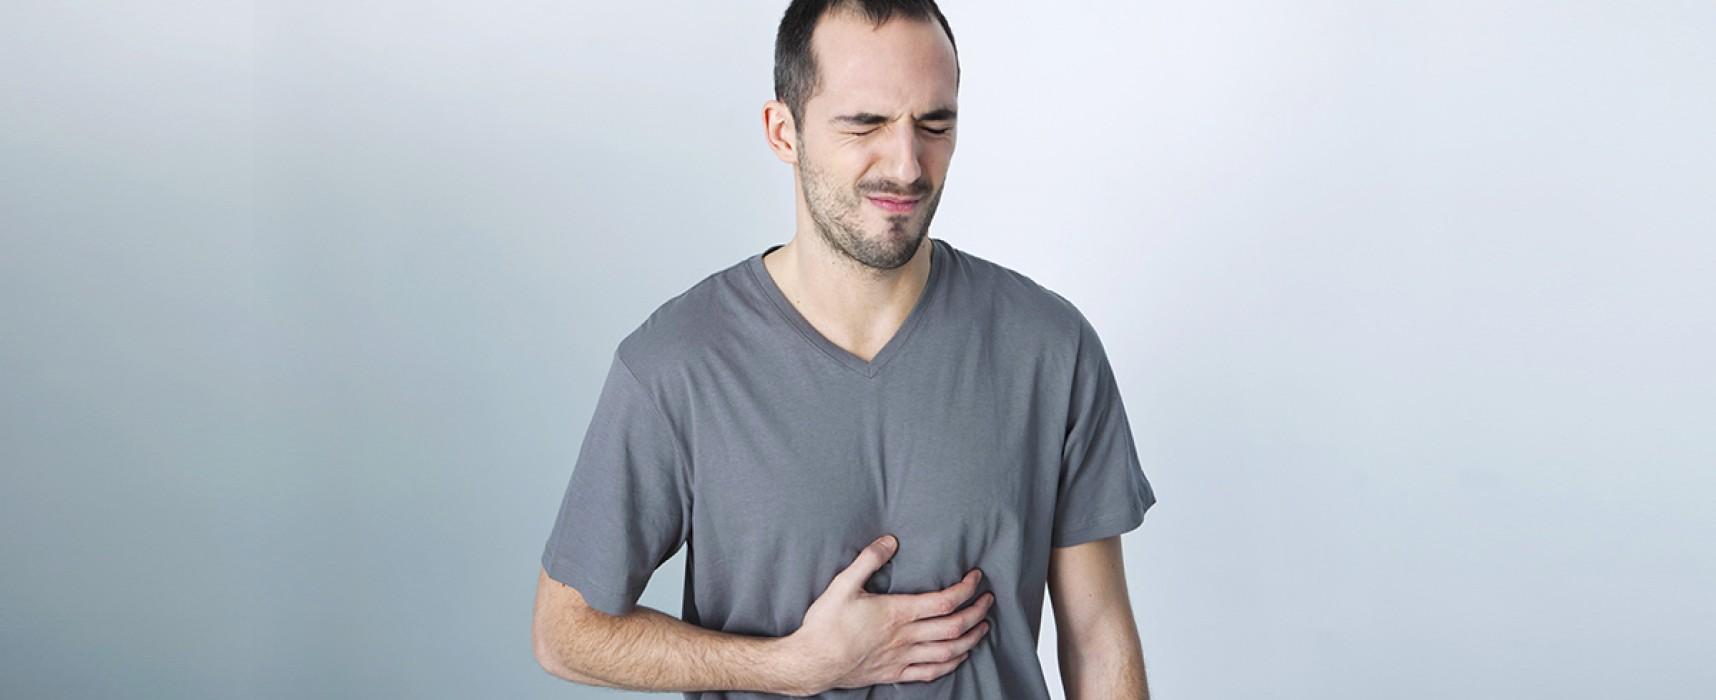 Dicas que aliviam o desconforto da gastrite